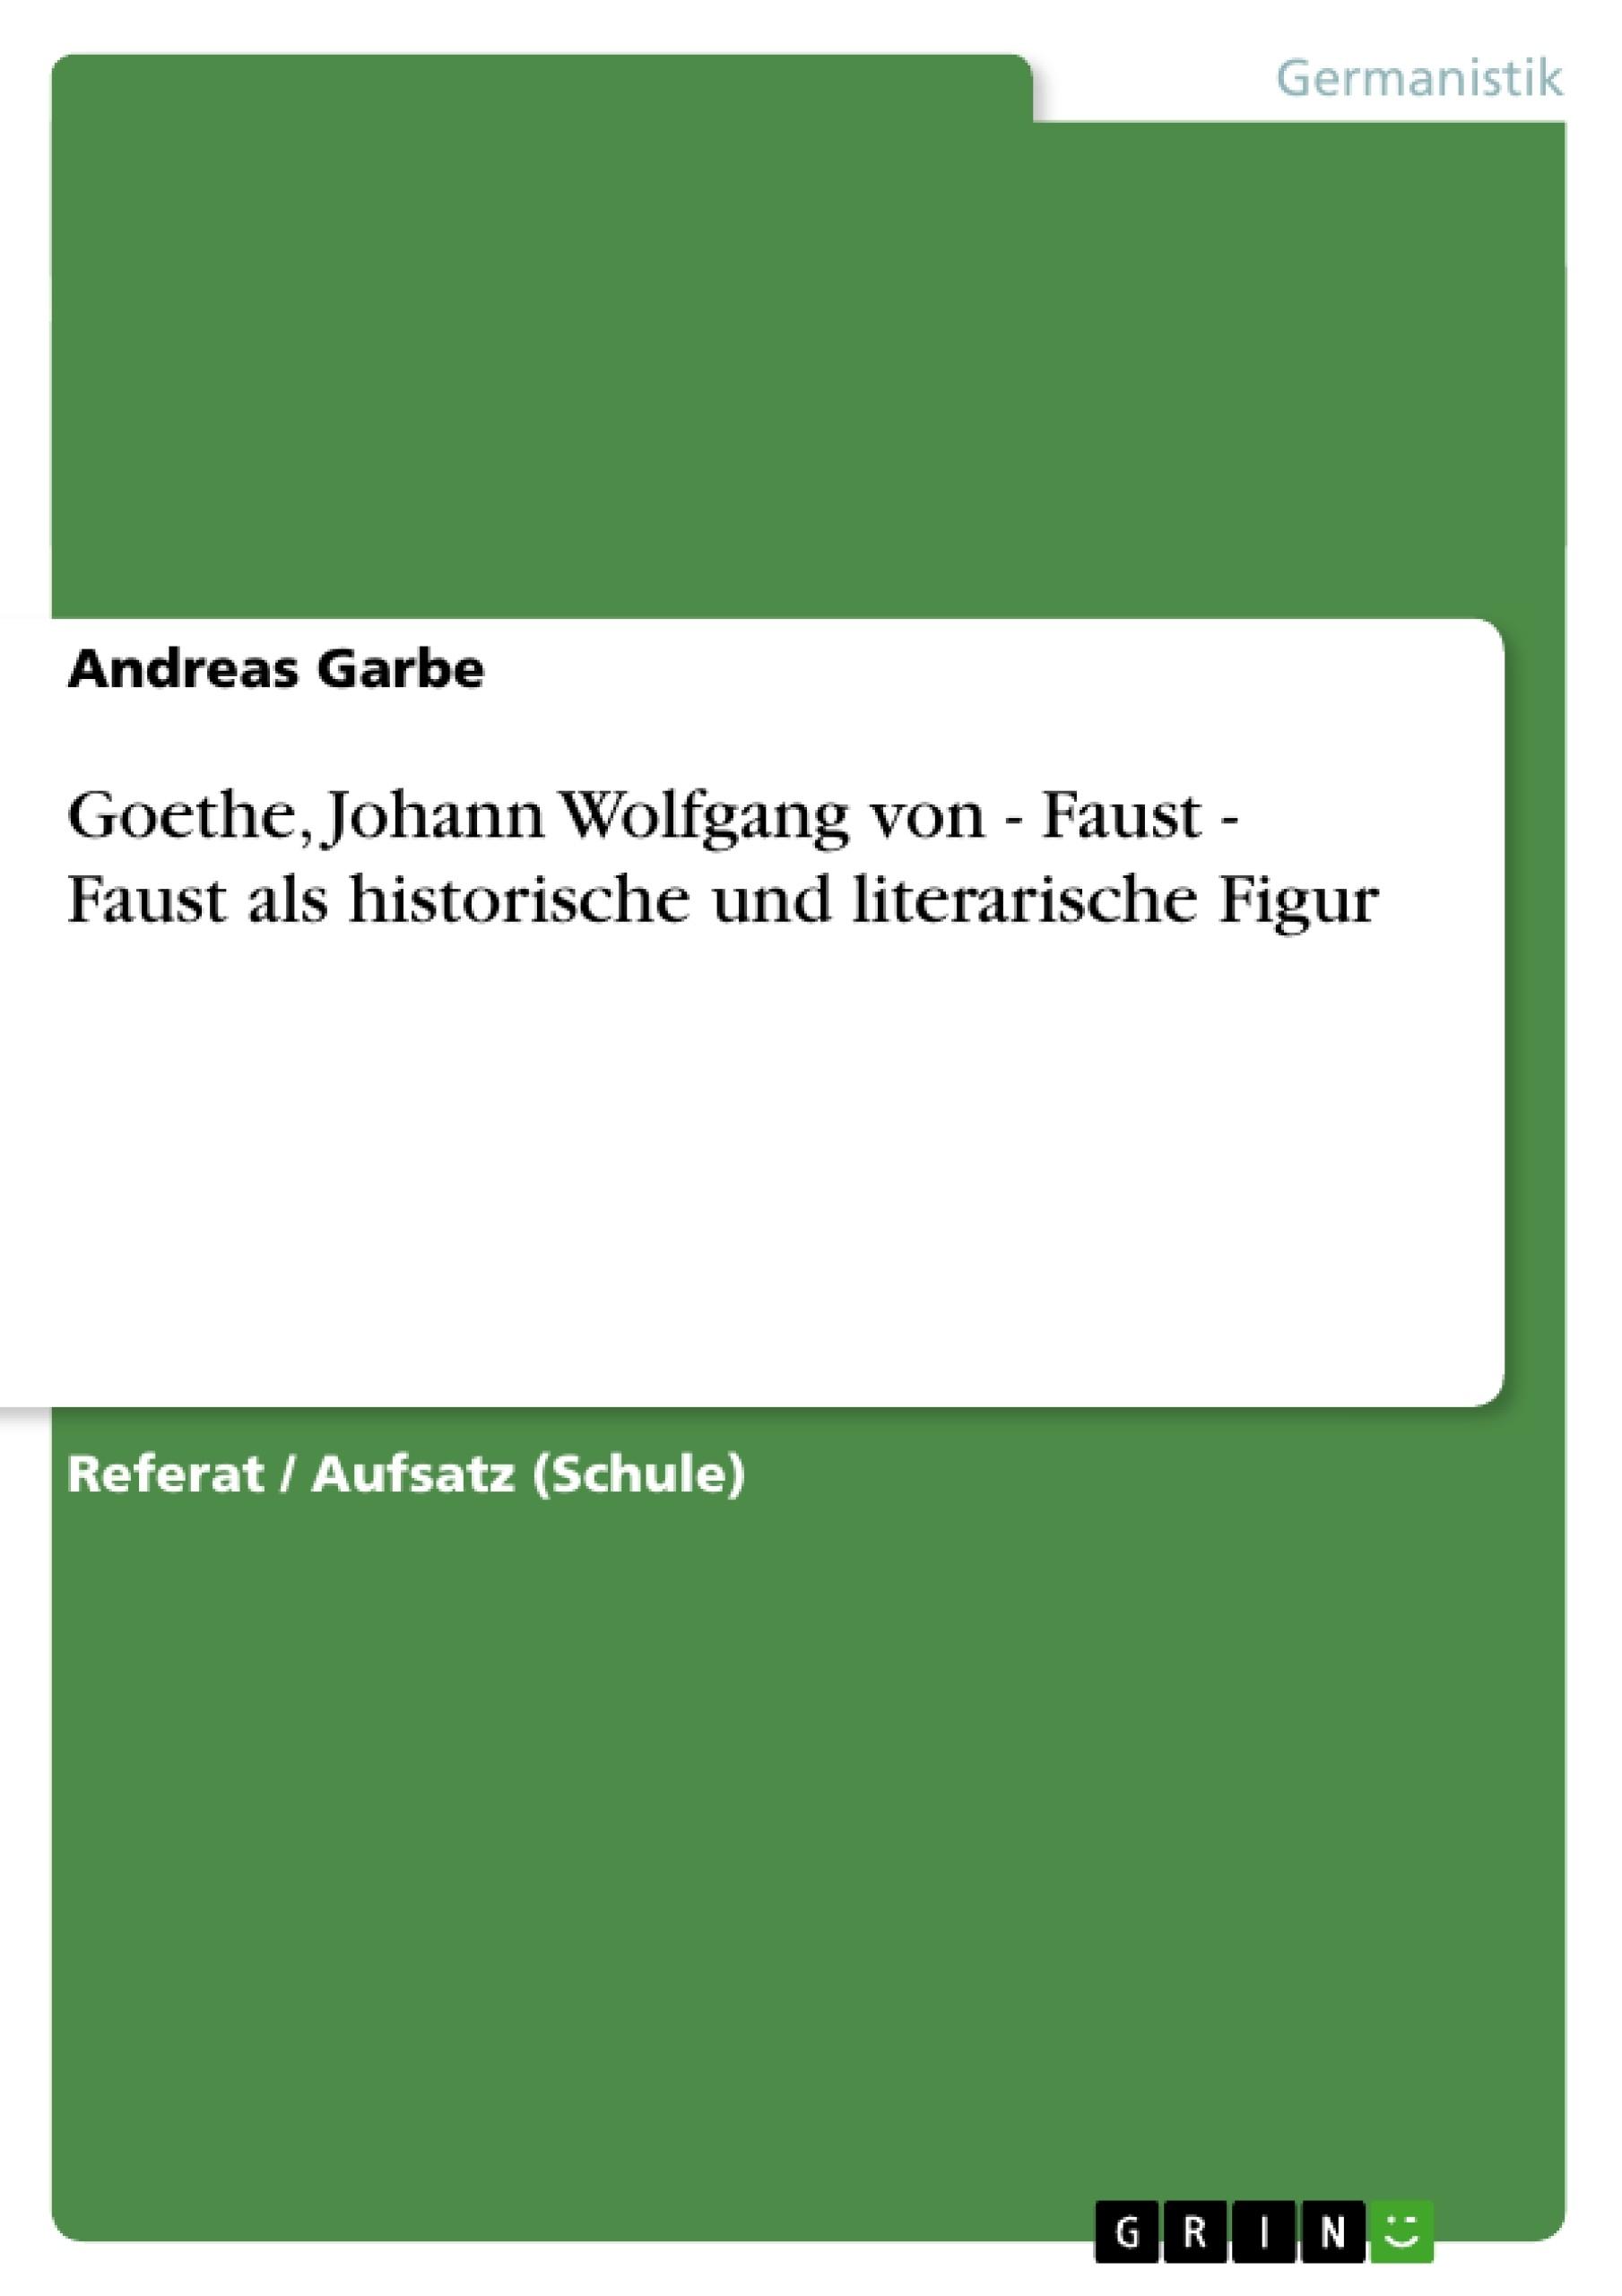 Titel: Goethe, Johann Wolfgang von - Faust - Faust als historische und literarische Figur